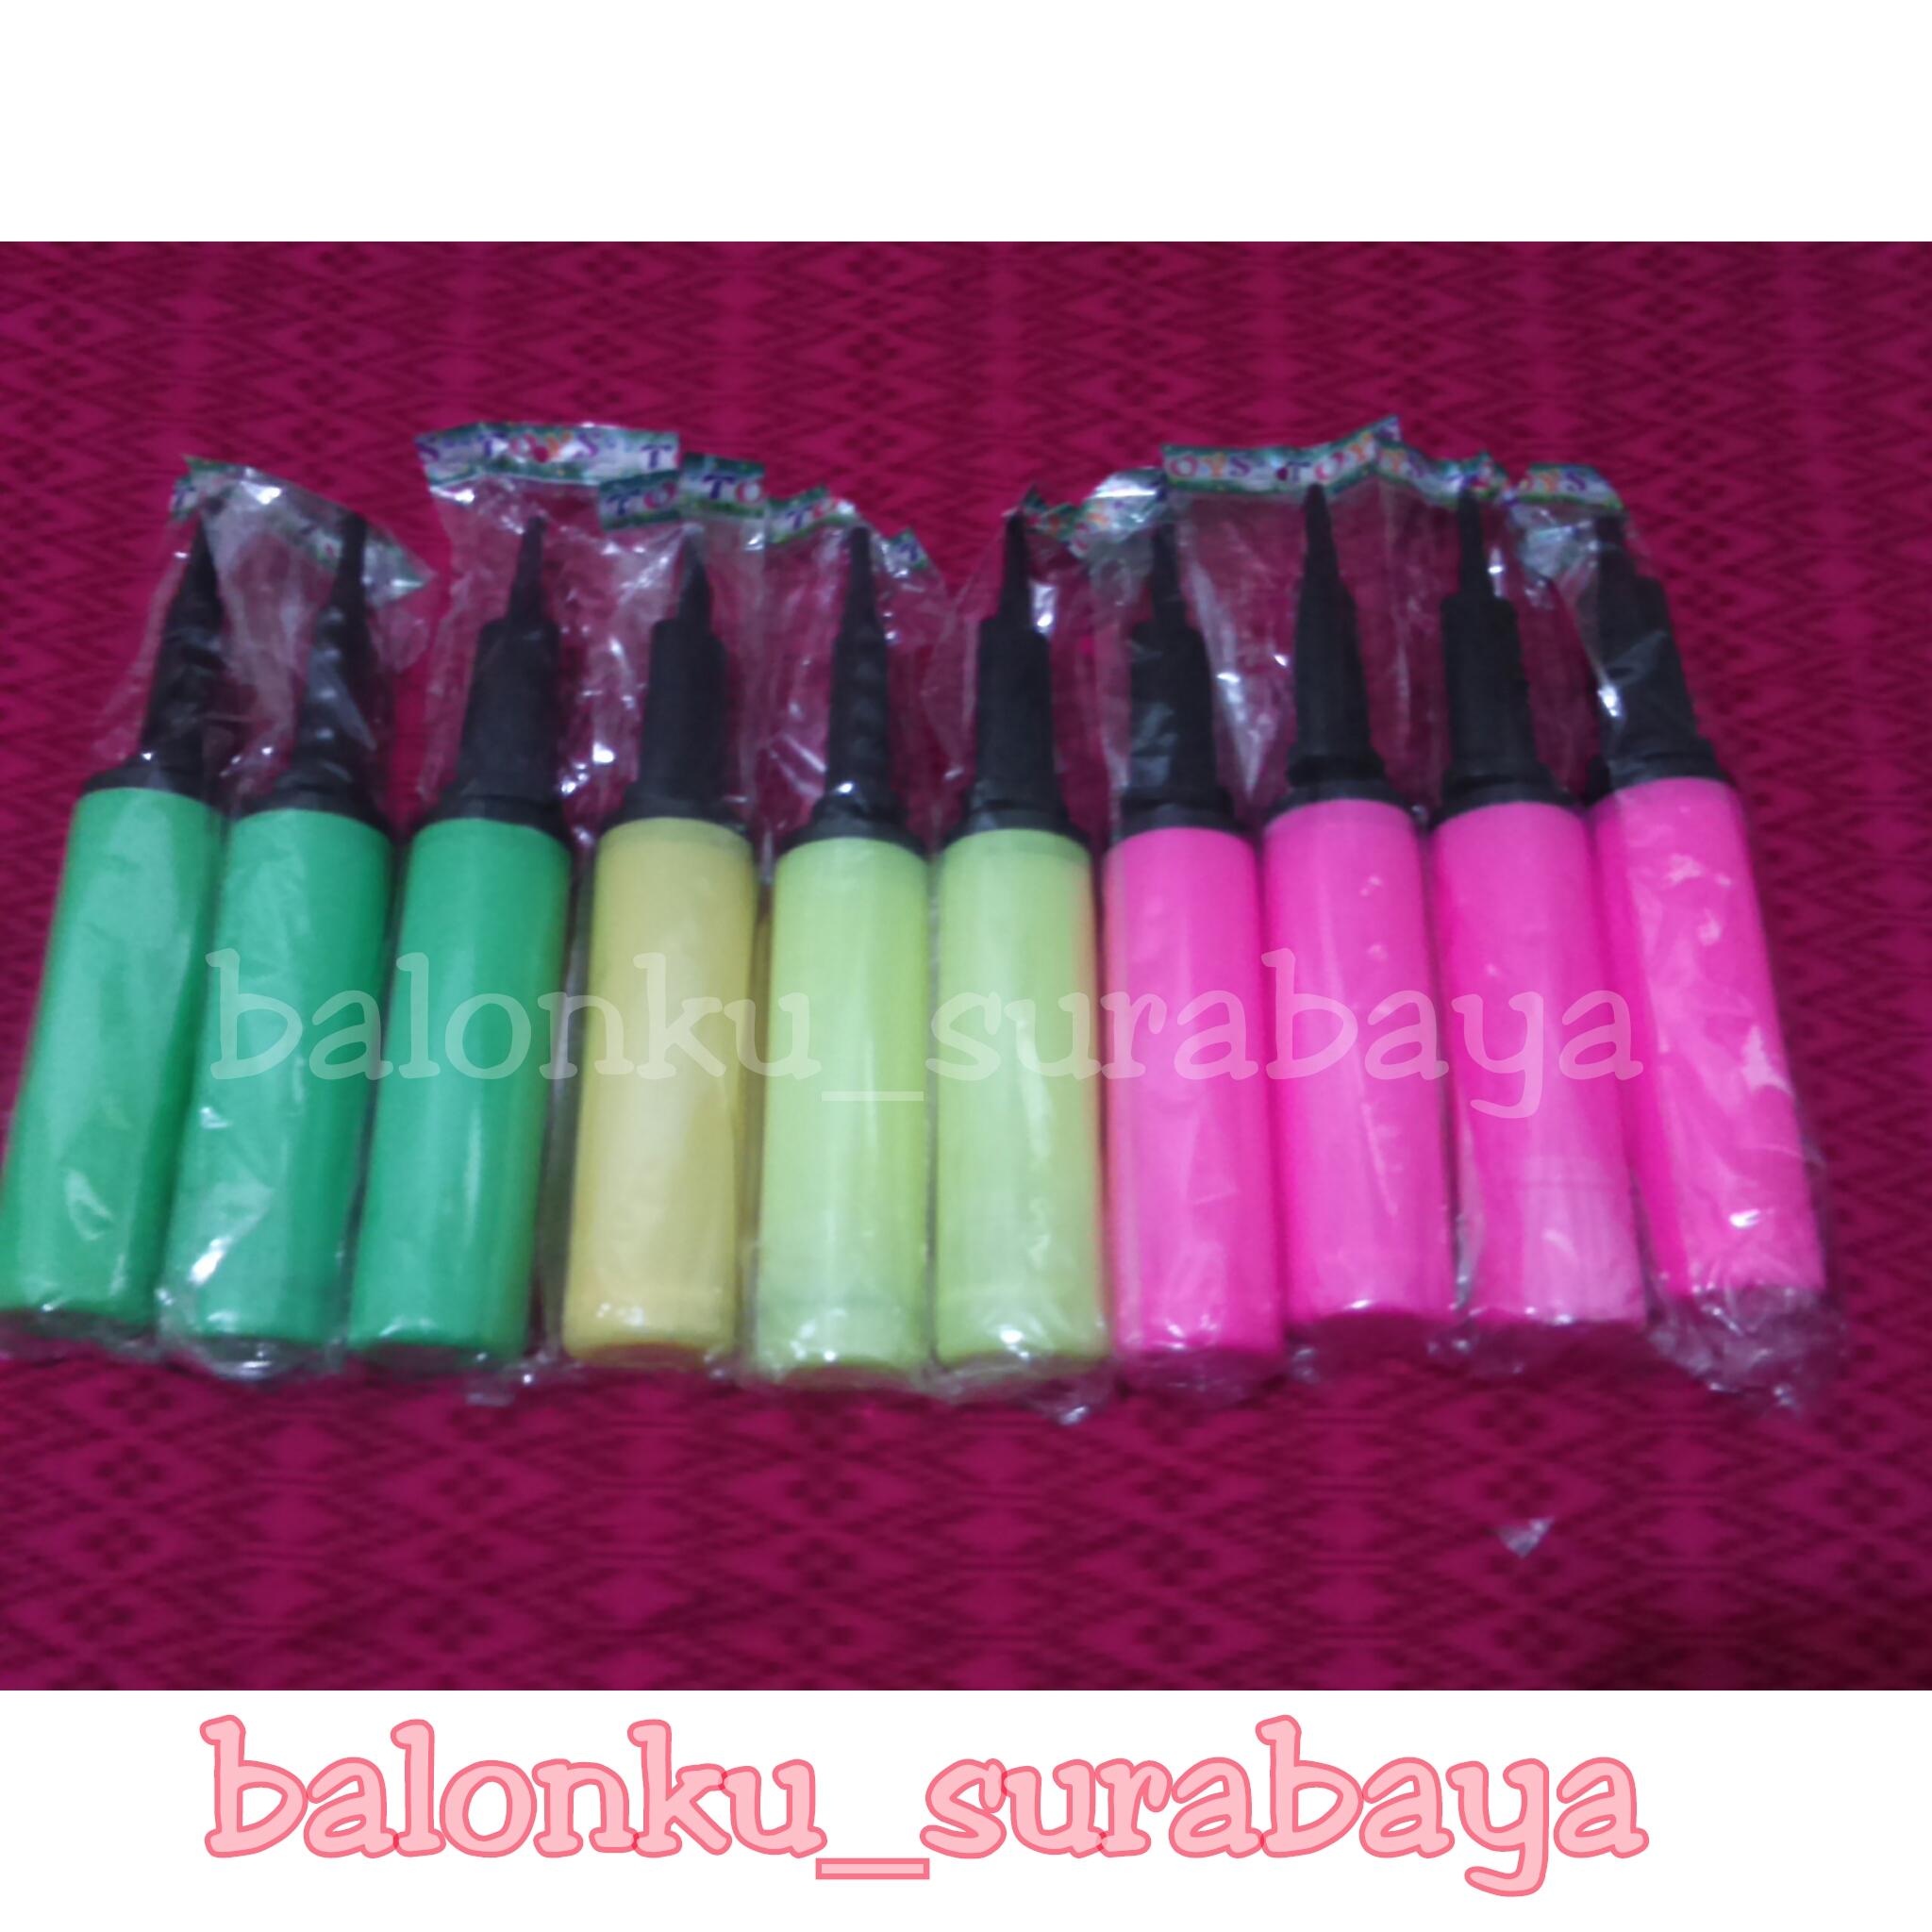 Pompa Balon Tangan Balonku Surabaya 085733133529 Kecil Photogrid 1452673065332